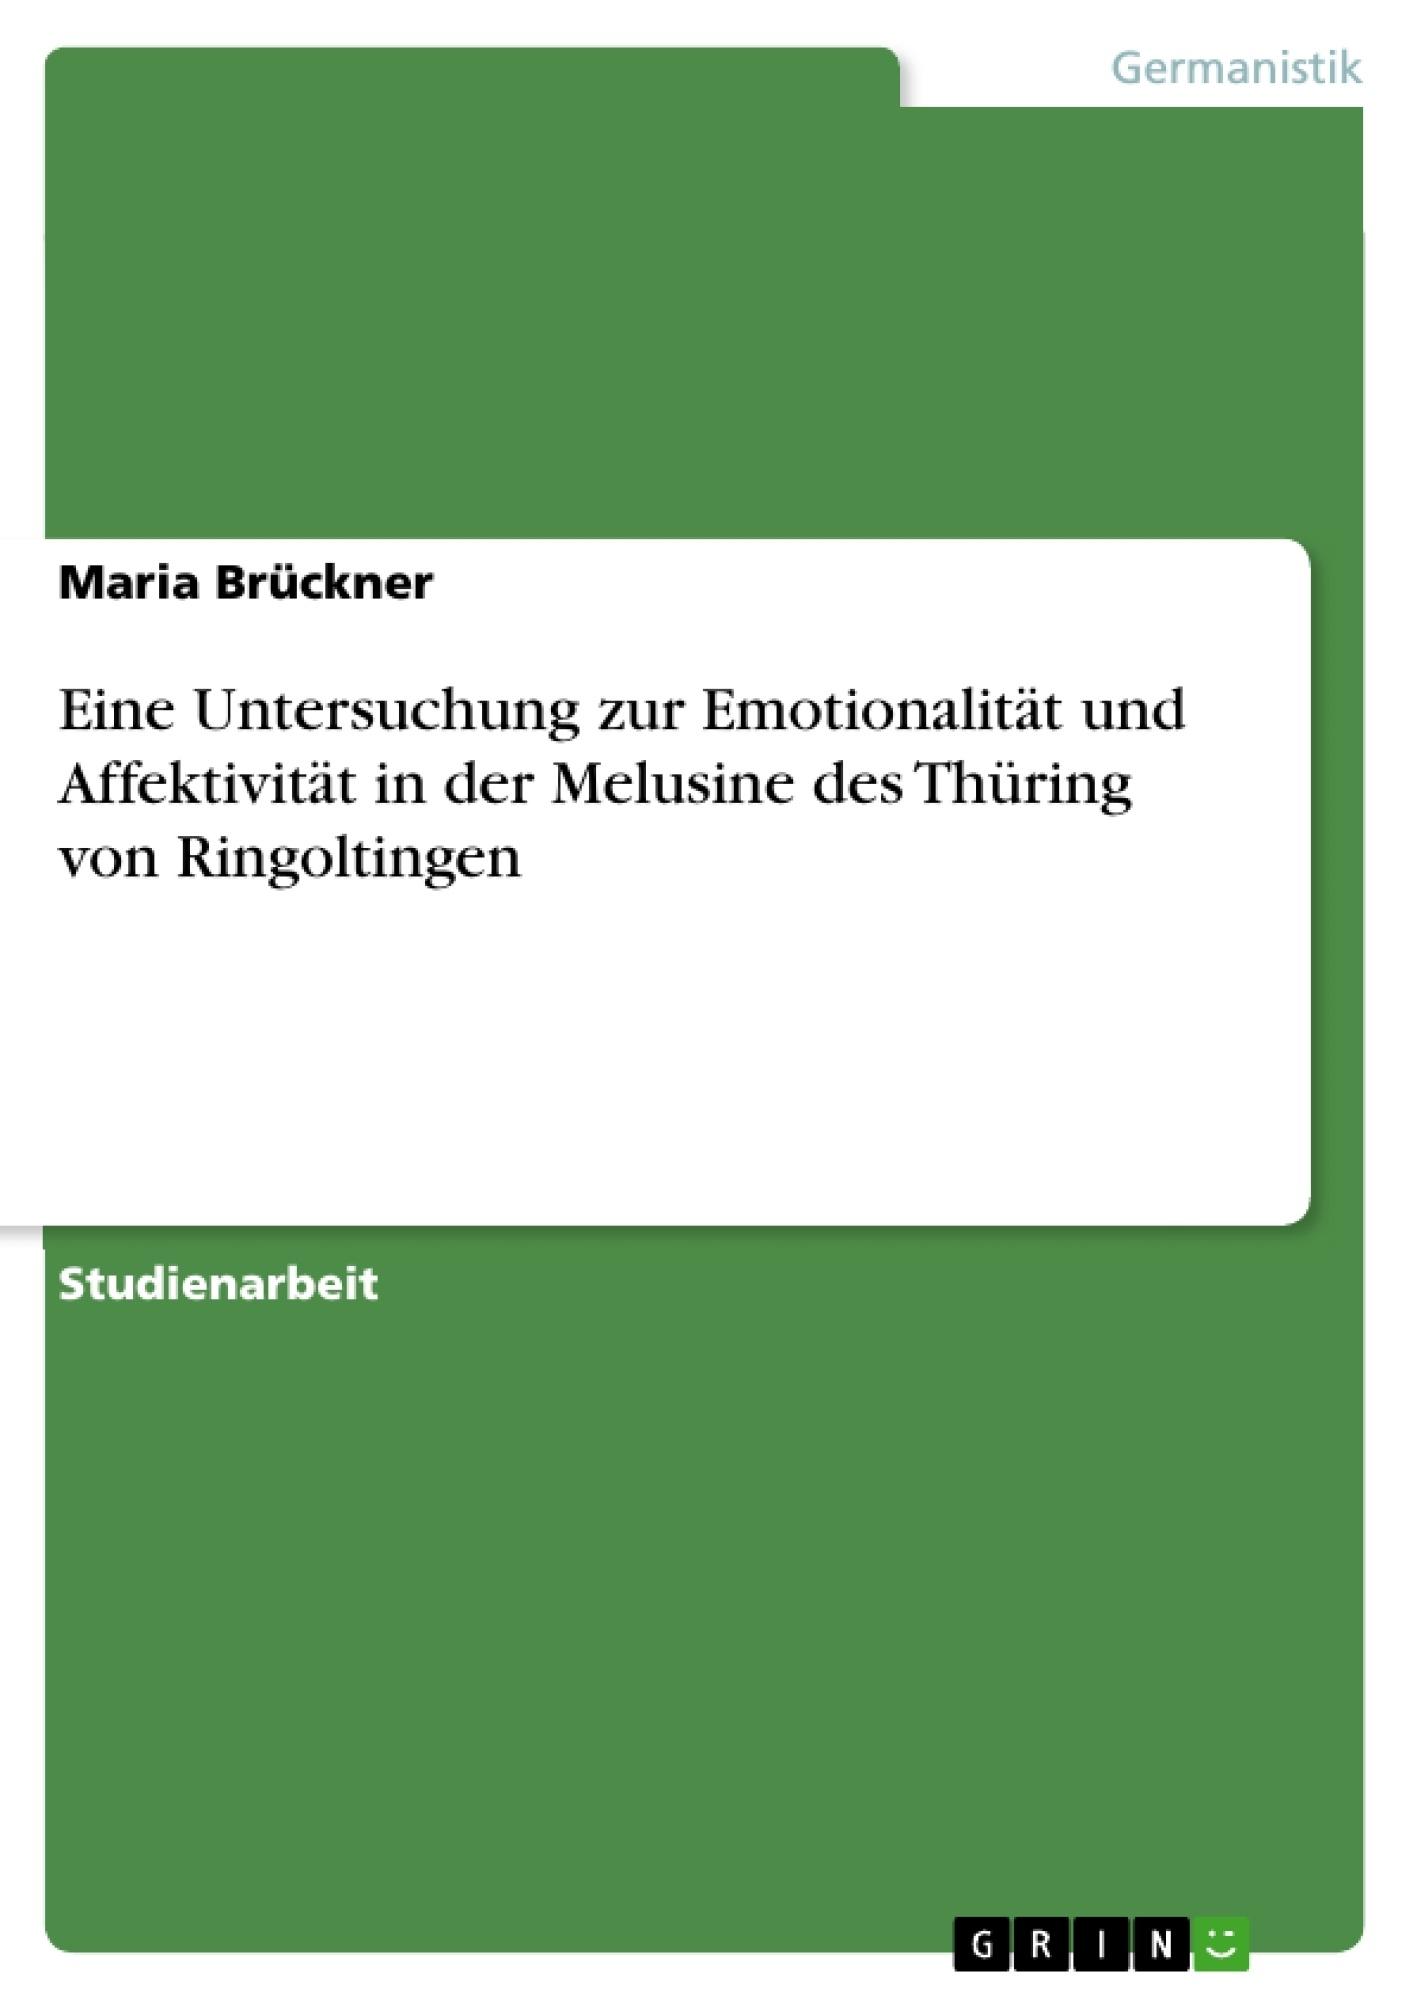 Titel: Eine Untersuchung zur Emotionalität und Affektivität in der Melusine des Thüring von Ringoltingen